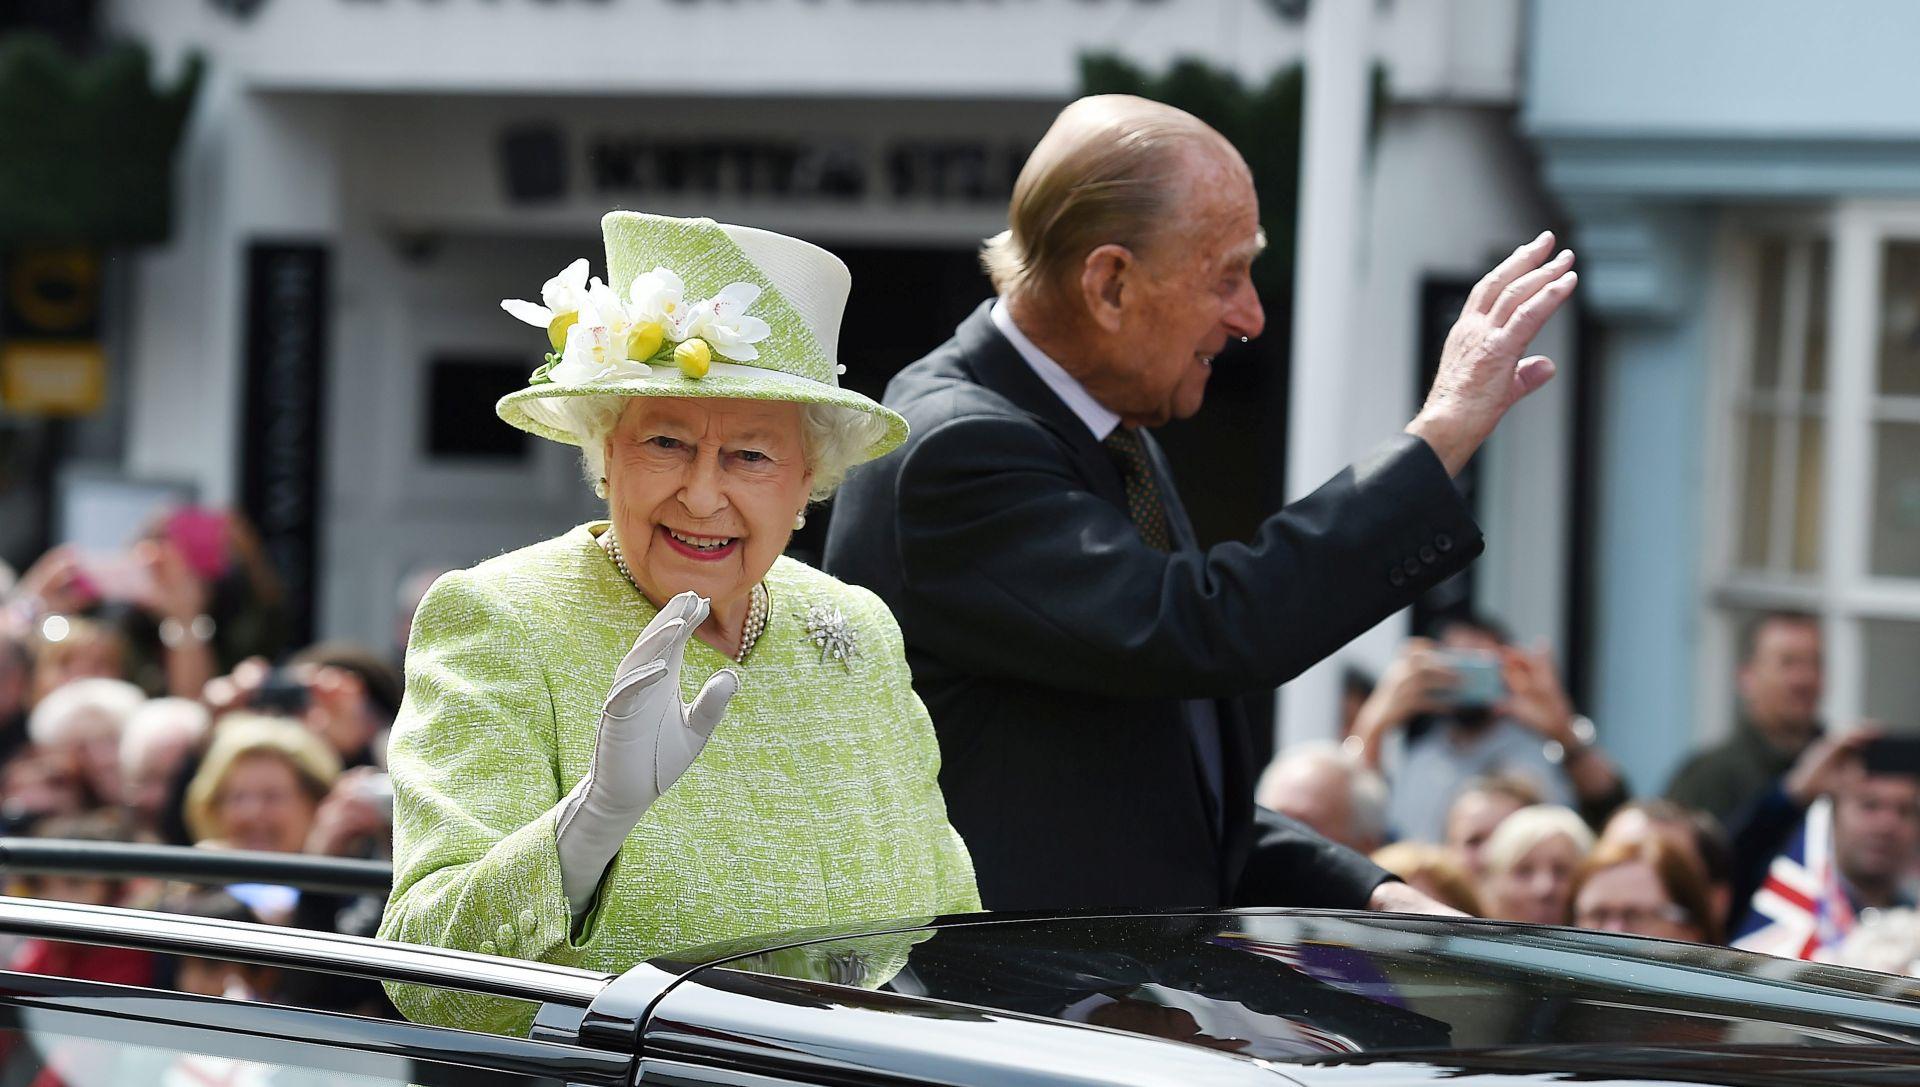 Velika Britanija slavi 90. rođendan svoje kraljice